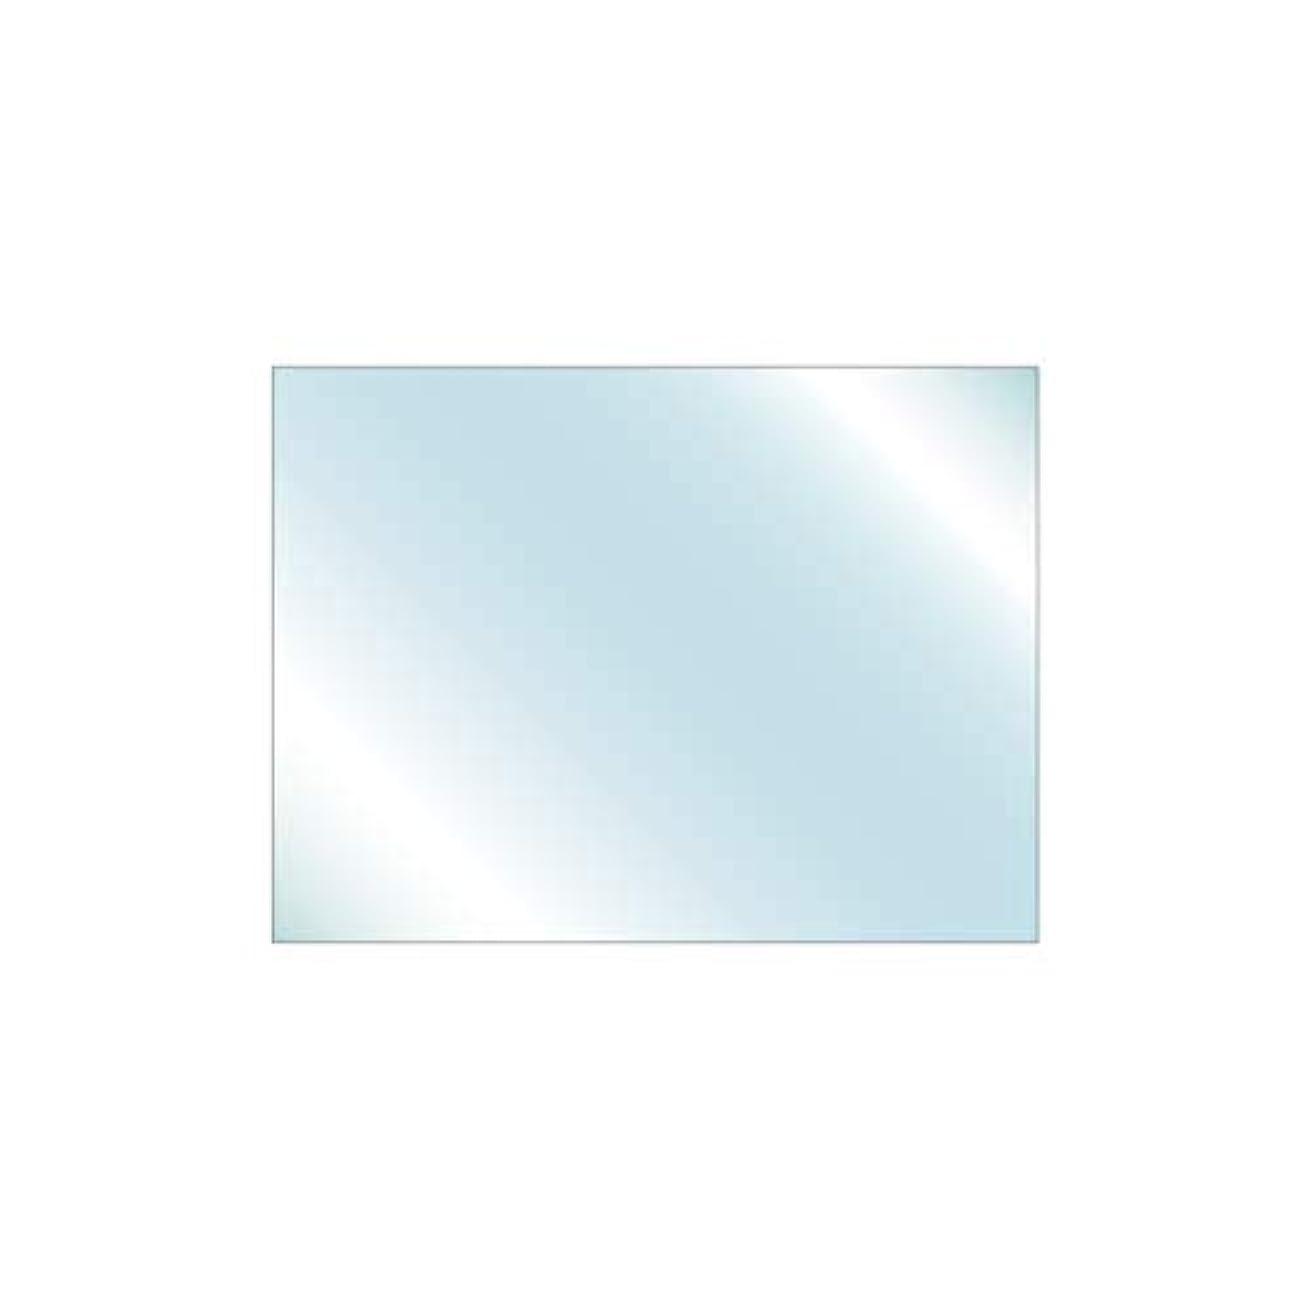 適合しました先例ブランド強化ガラス 安全ガラス 厚み8mm 400×300mm 四角形 糸面取り サイズオーダー対応